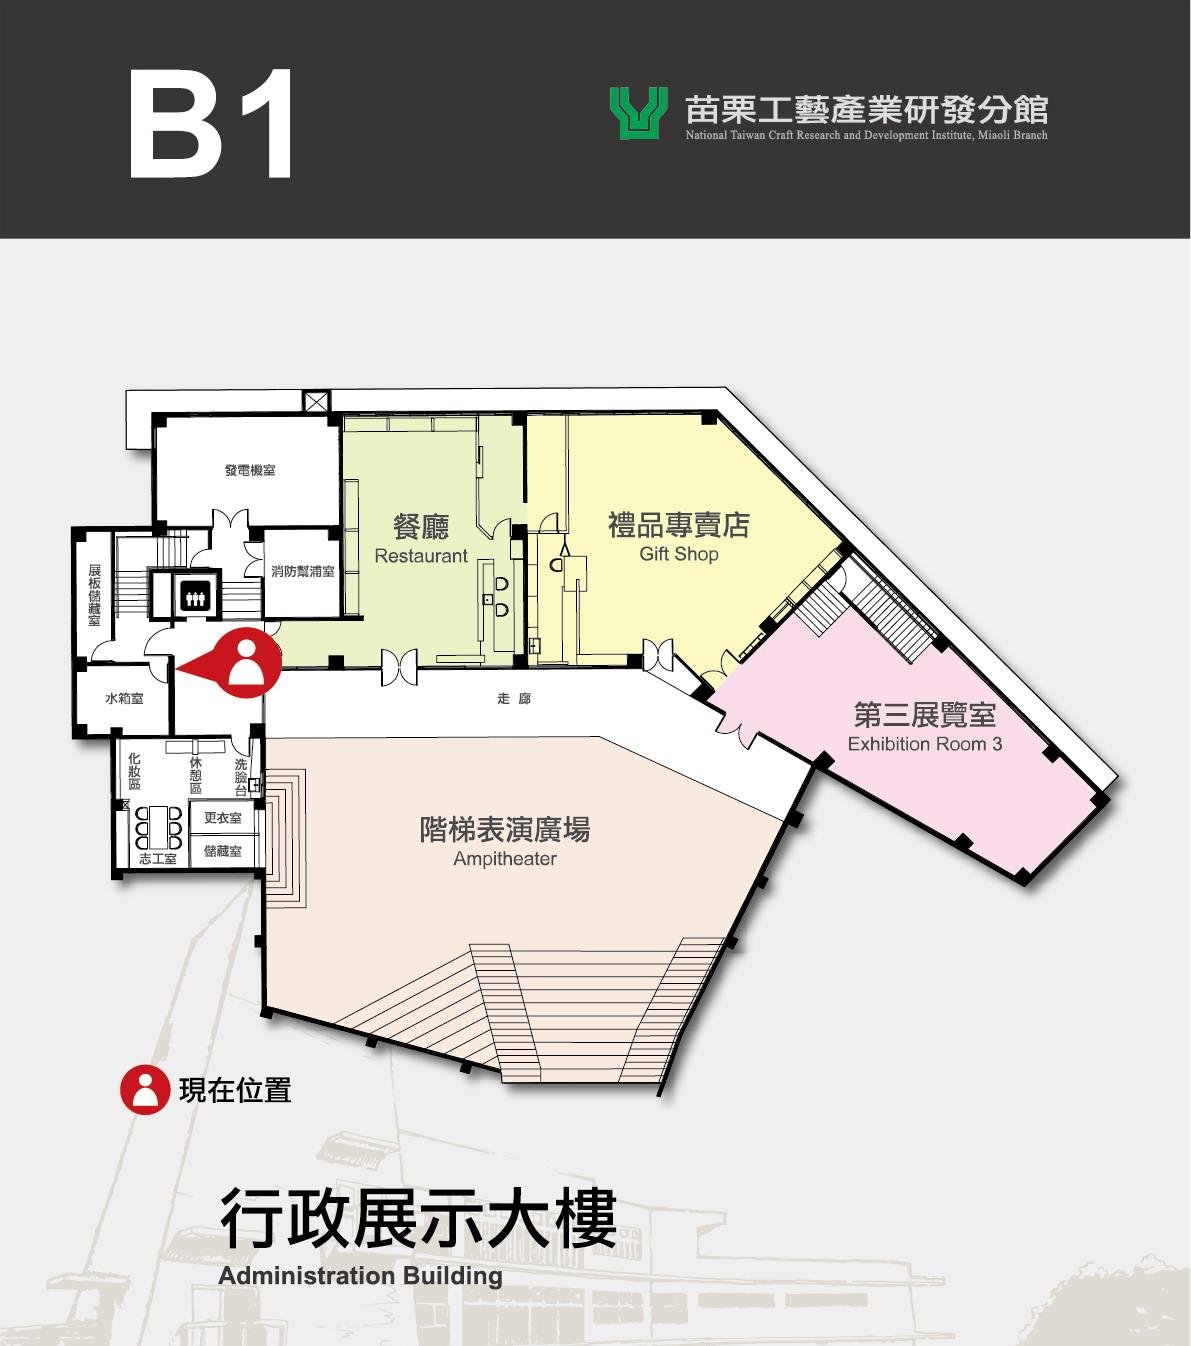 行政展示大樓地下一樓平面圖